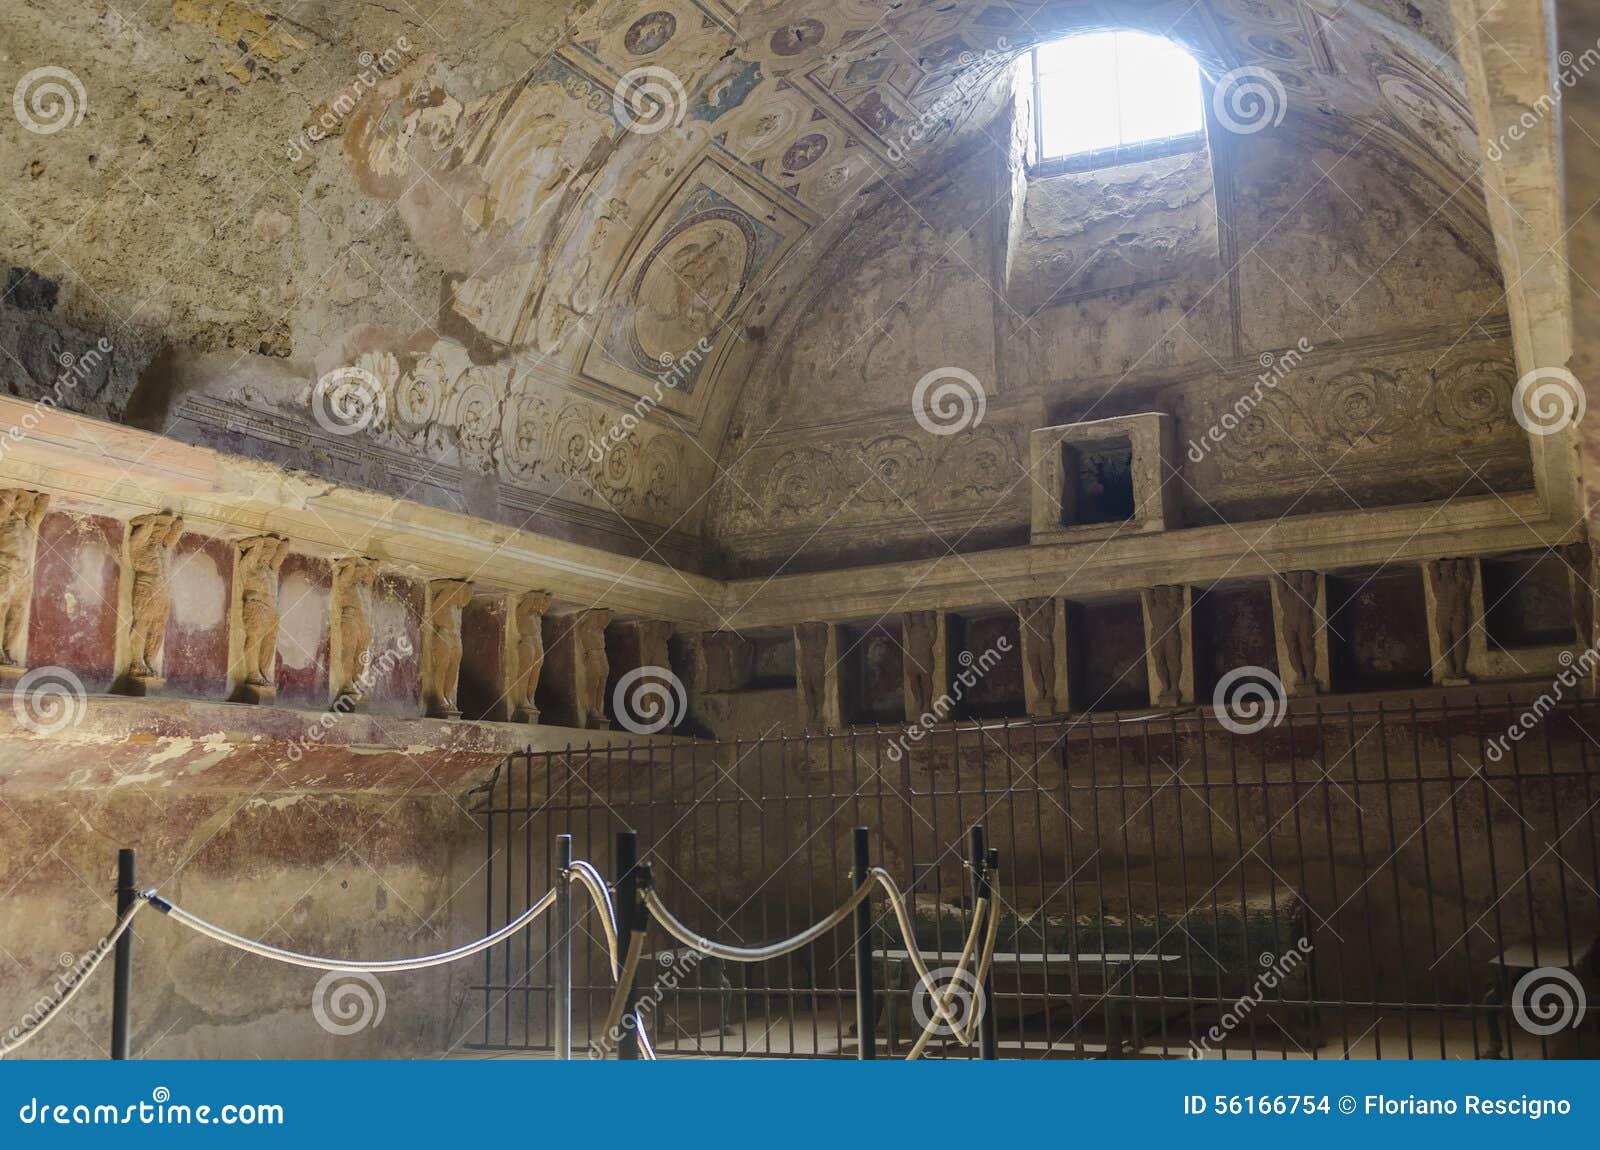 I sette cessi di roma riparare una toilette appenderci un quadro